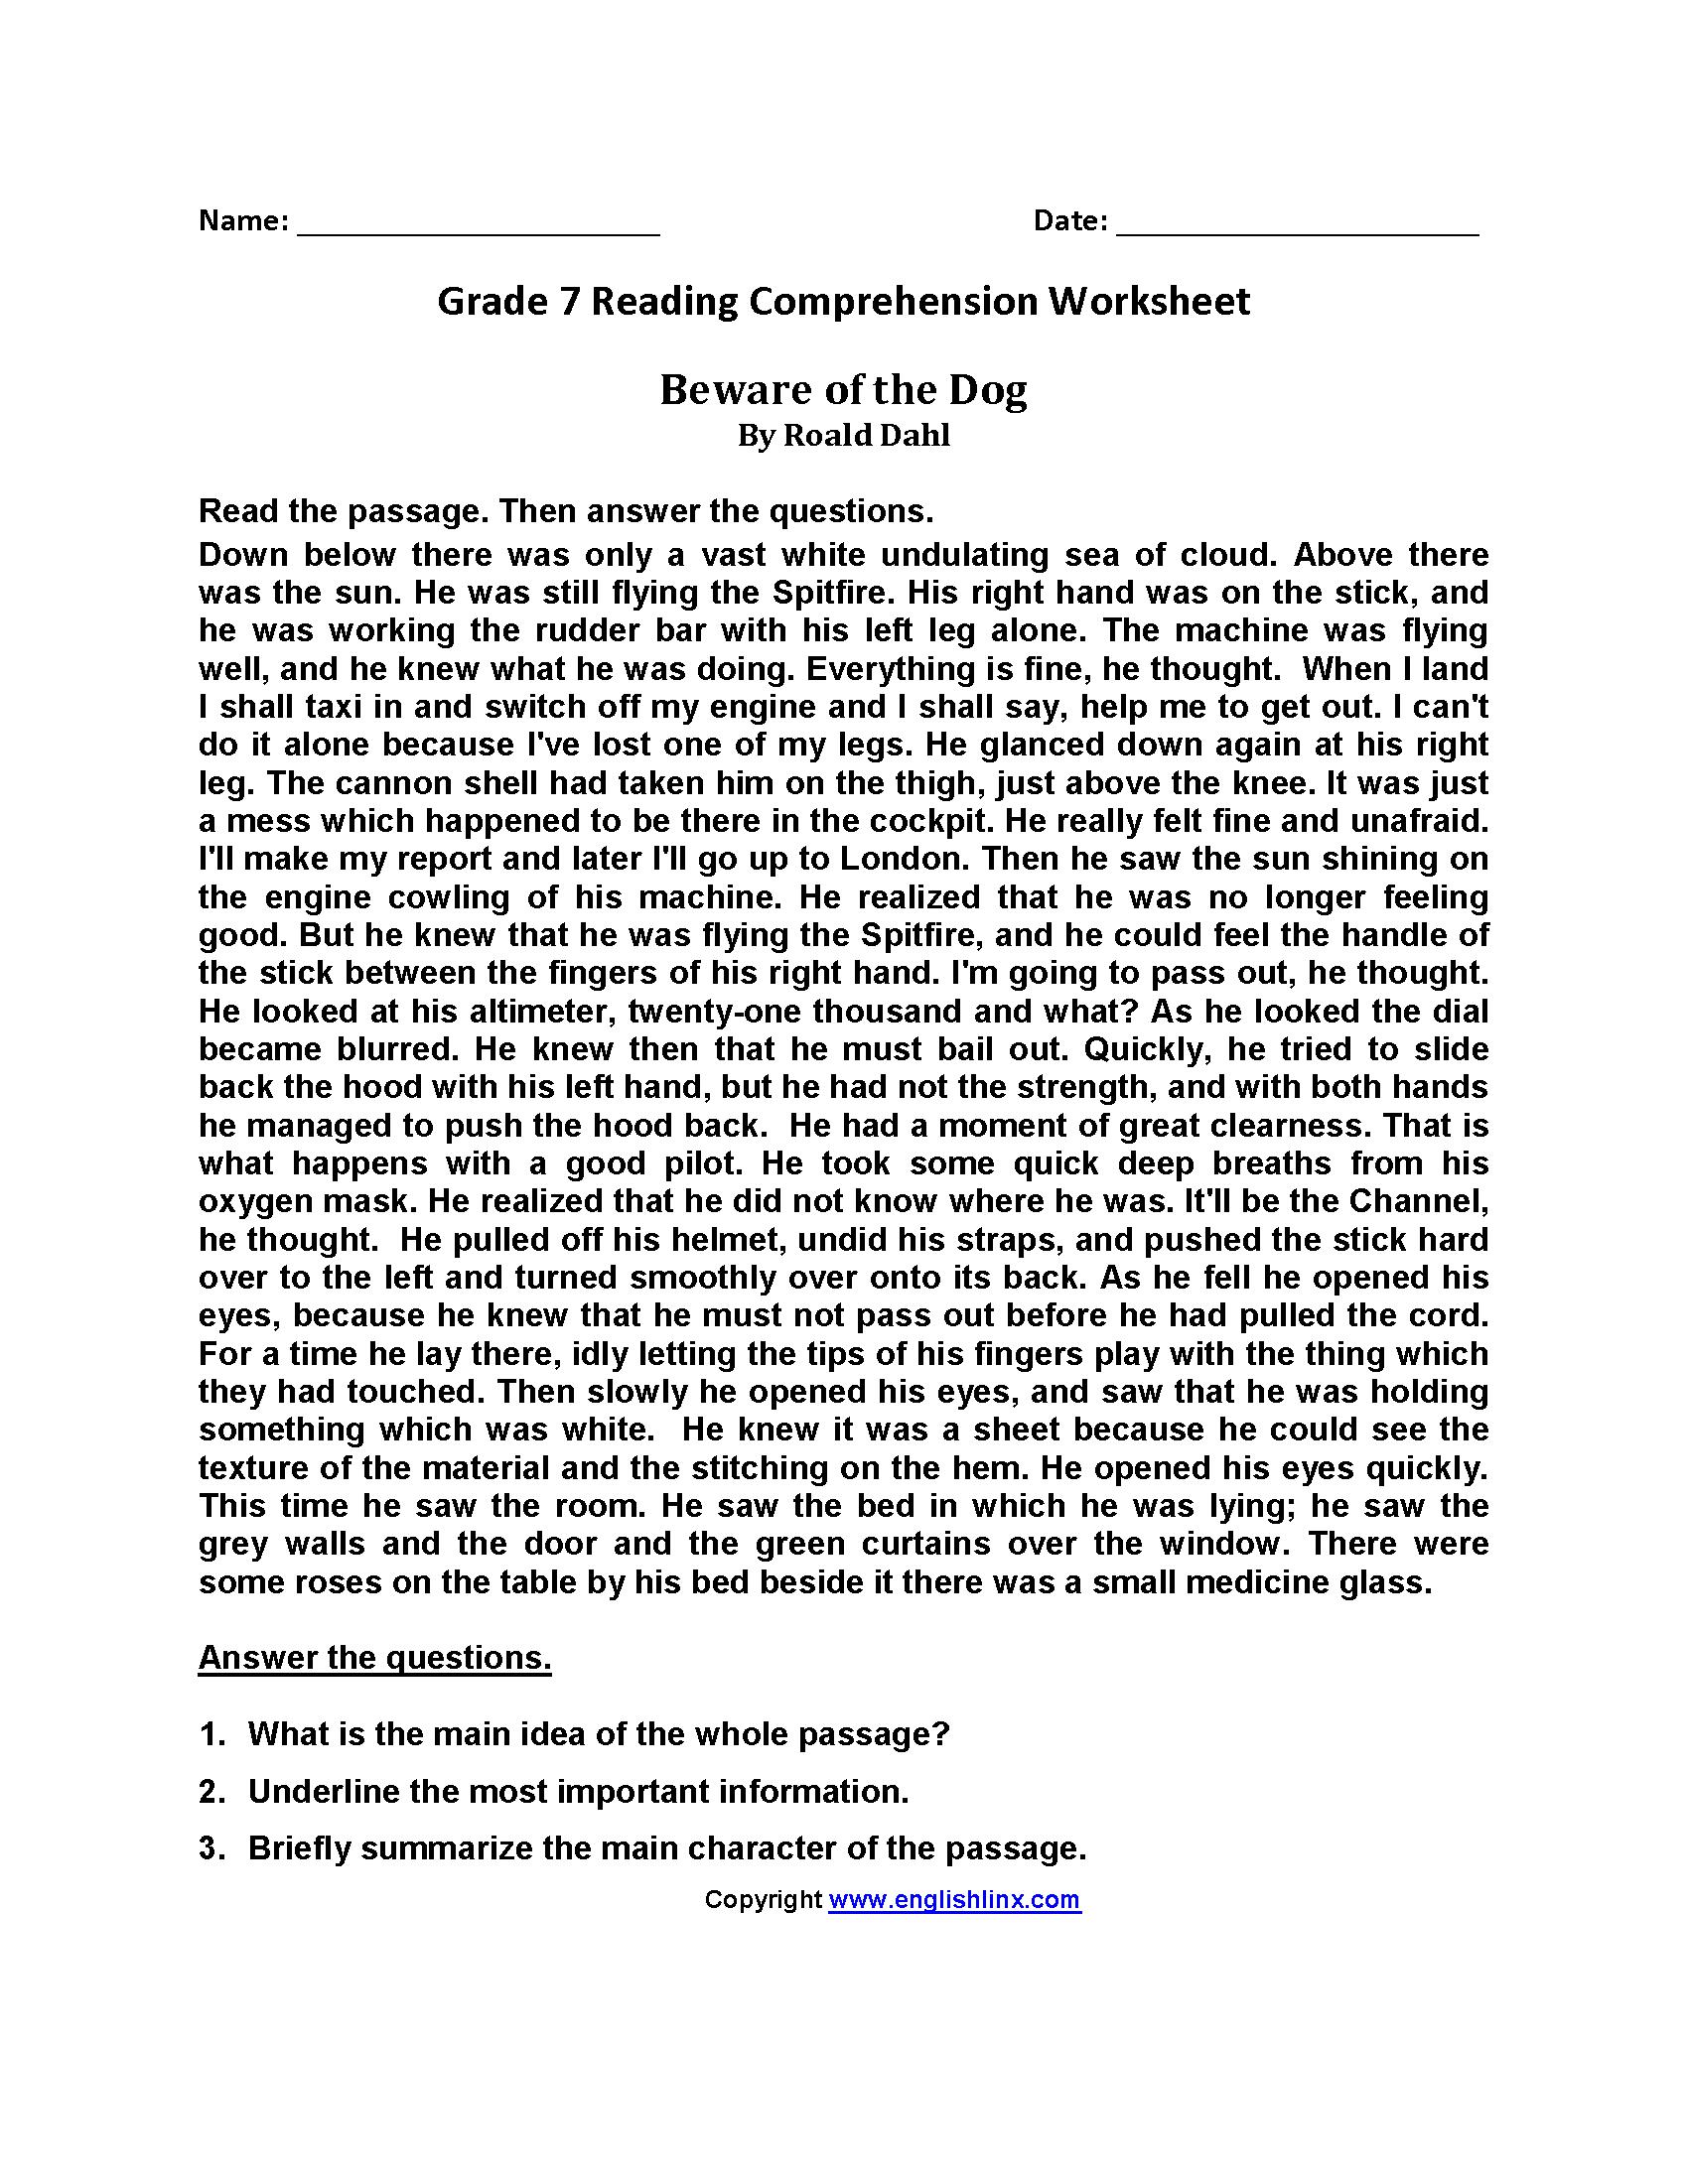 Grade 7 Reading Comprehension Worksheets